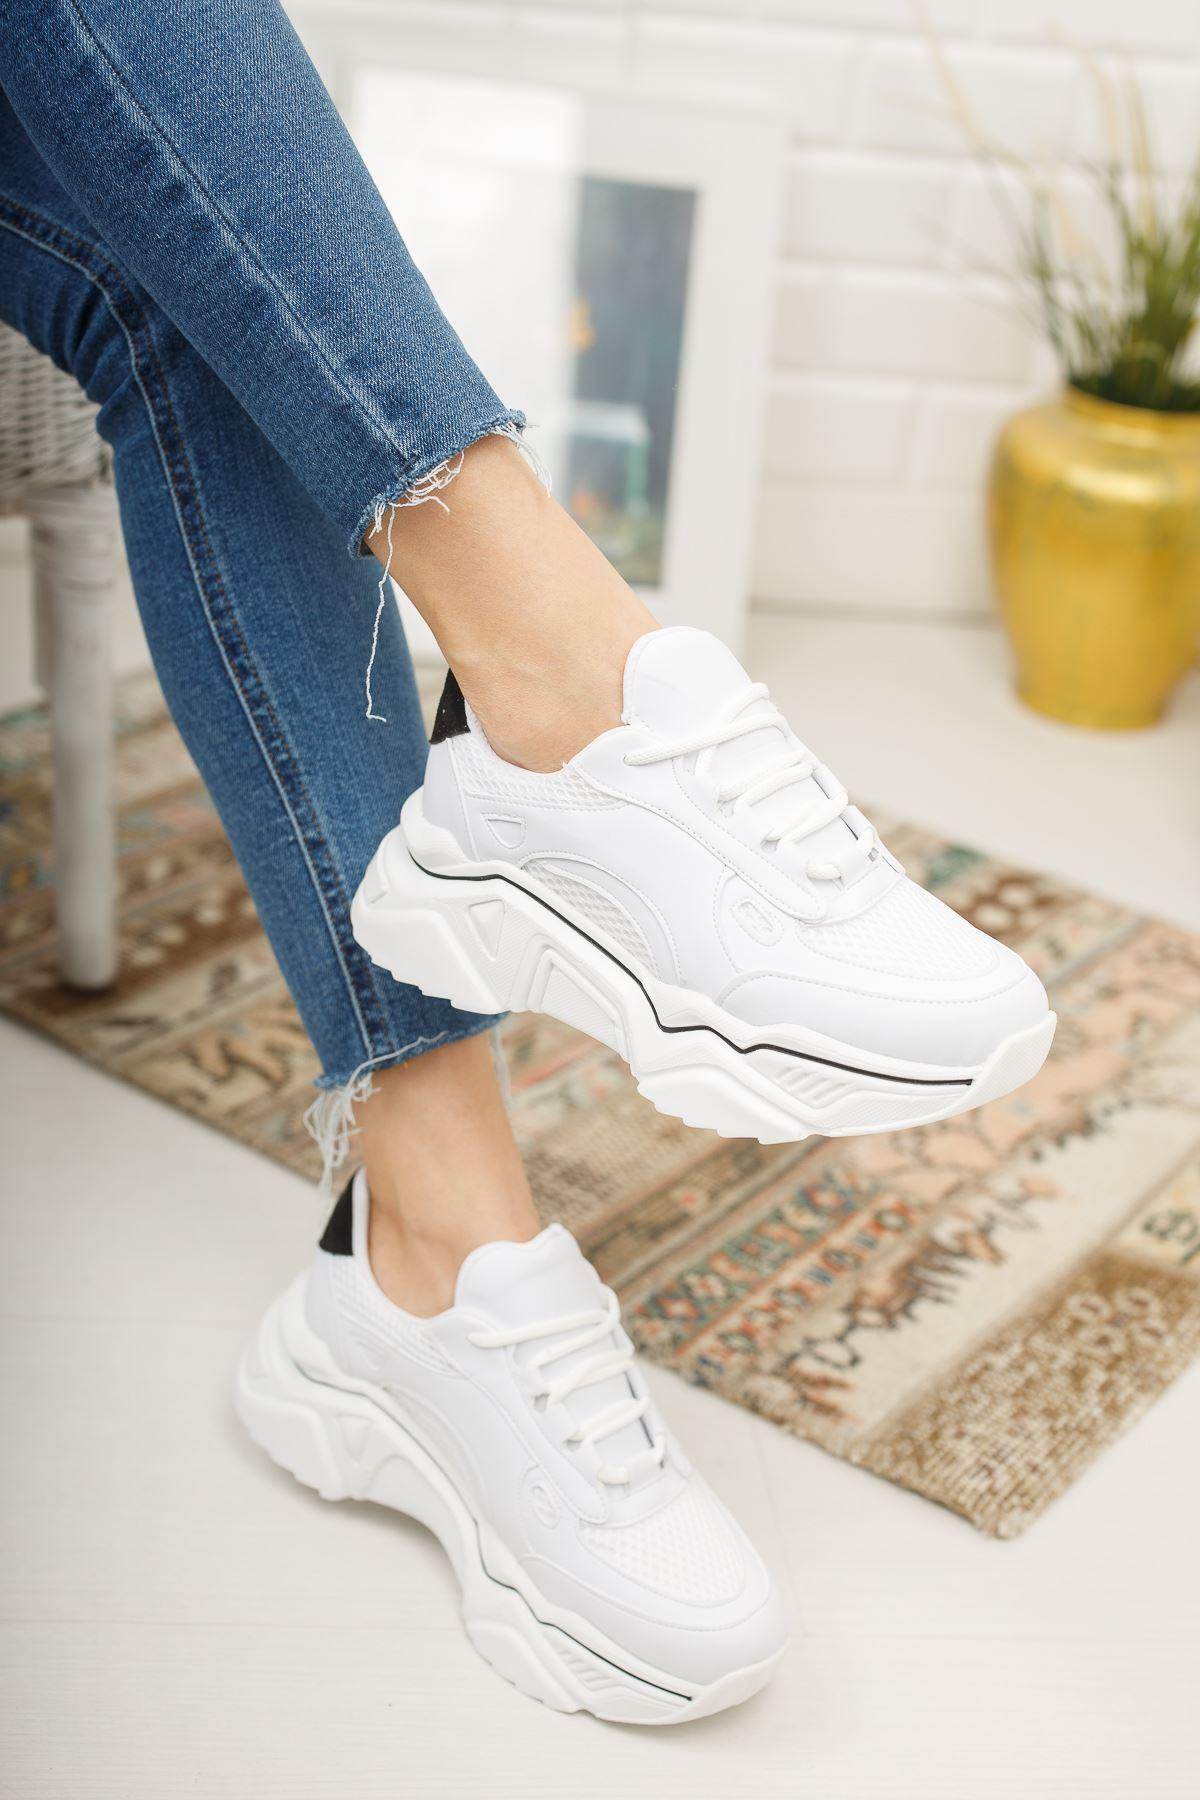 Loza Beyaz Mat Siyah Bağcıklı Kadın Spor Ayakkabı